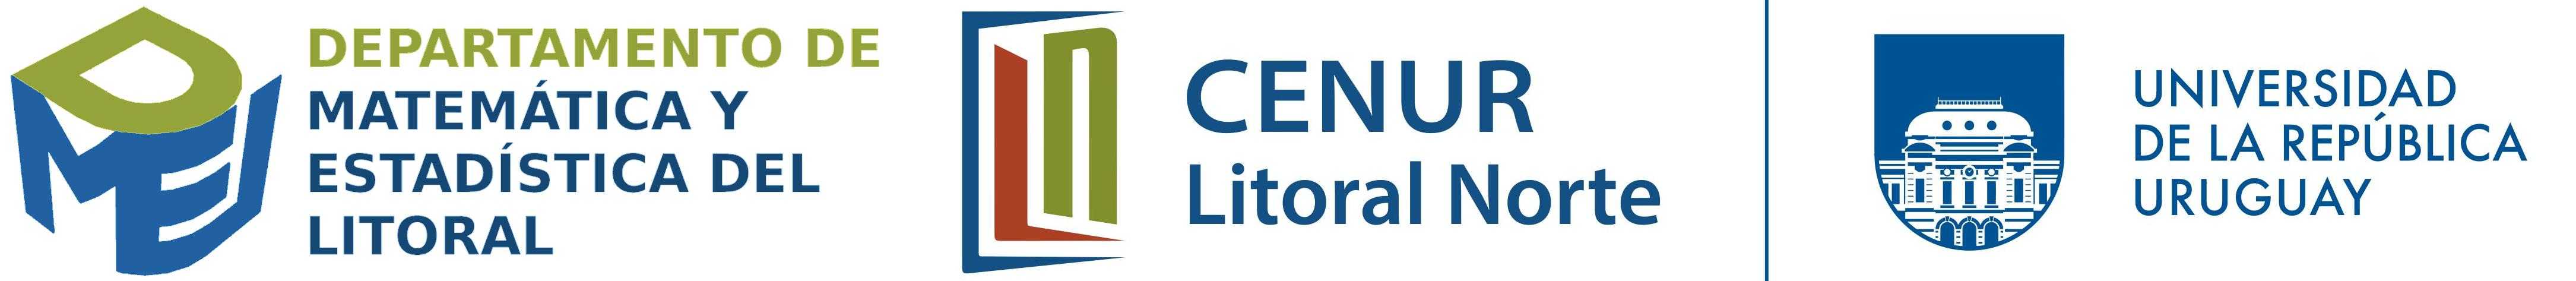 Departamento de Matemática y Estadística del Litoral